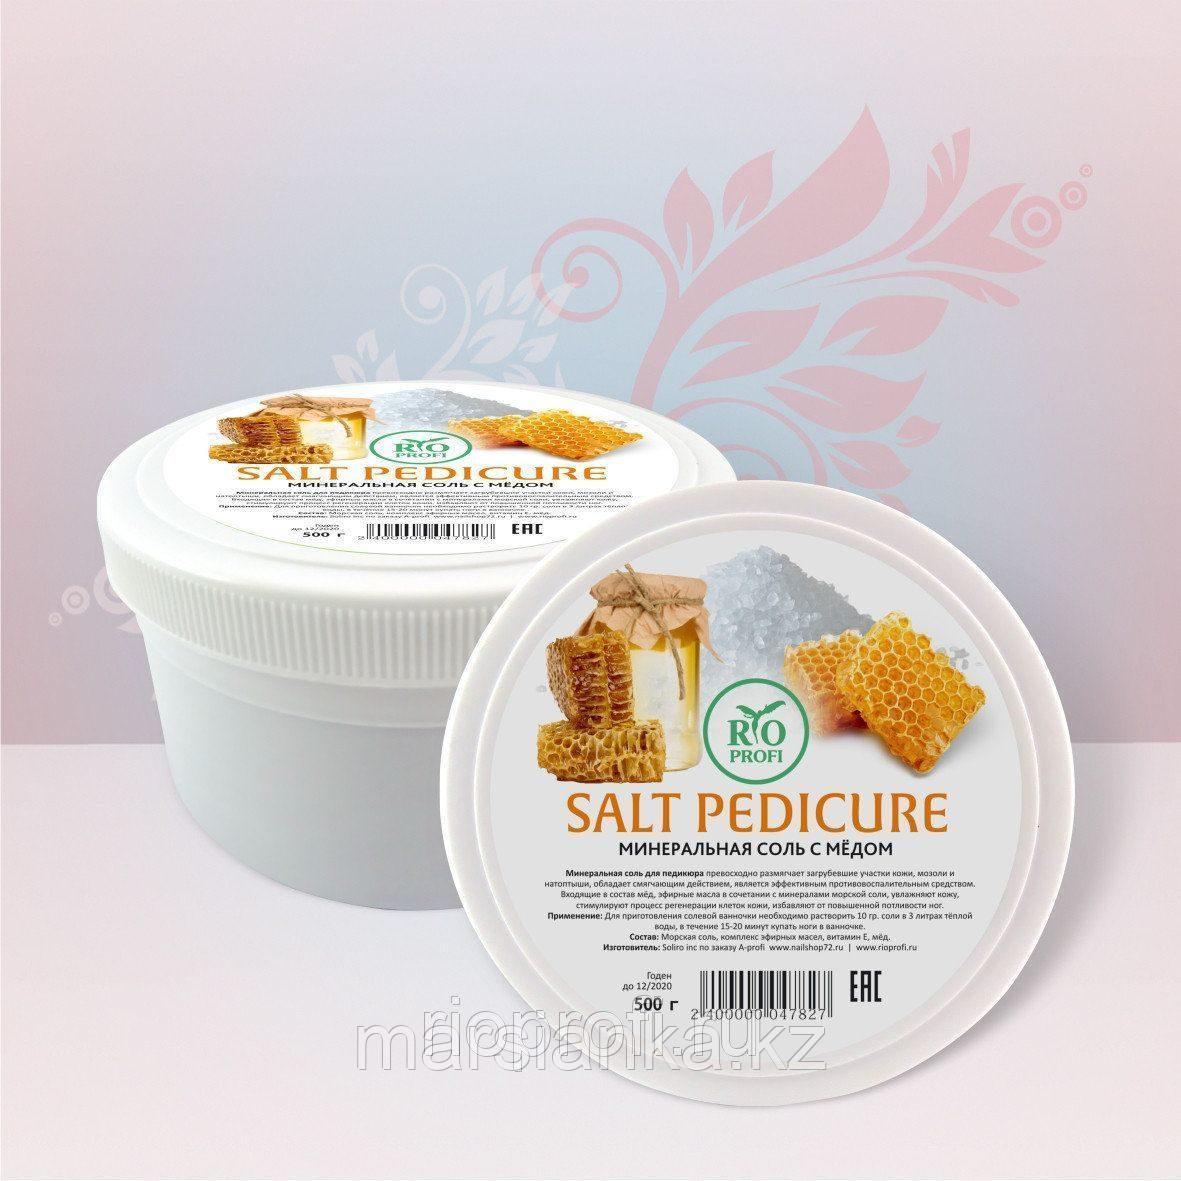 Соль для педикюрных ванночек с мёдом Rio Profi, 500 гр